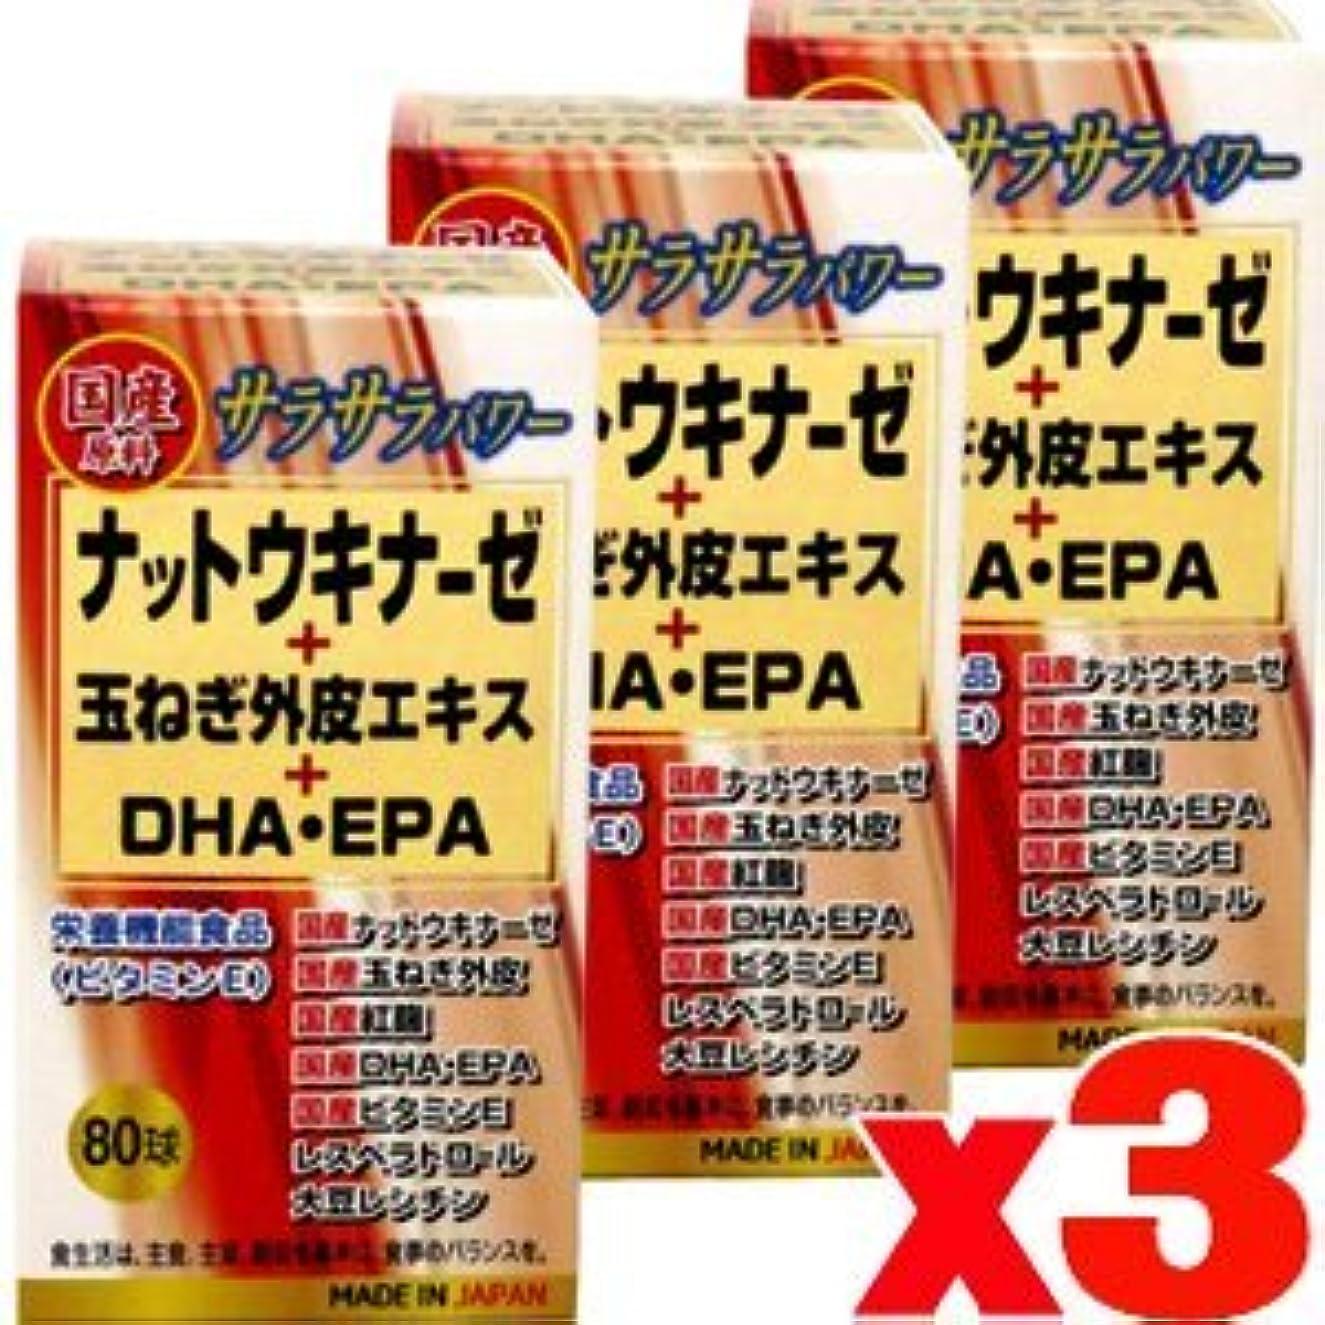 不安定自発的衝撃【3個】ユウキ製薬 ナットウキナーゼ+玉ねぎ外皮エキス+DHA?EPA 80球x3個(4524326202109)